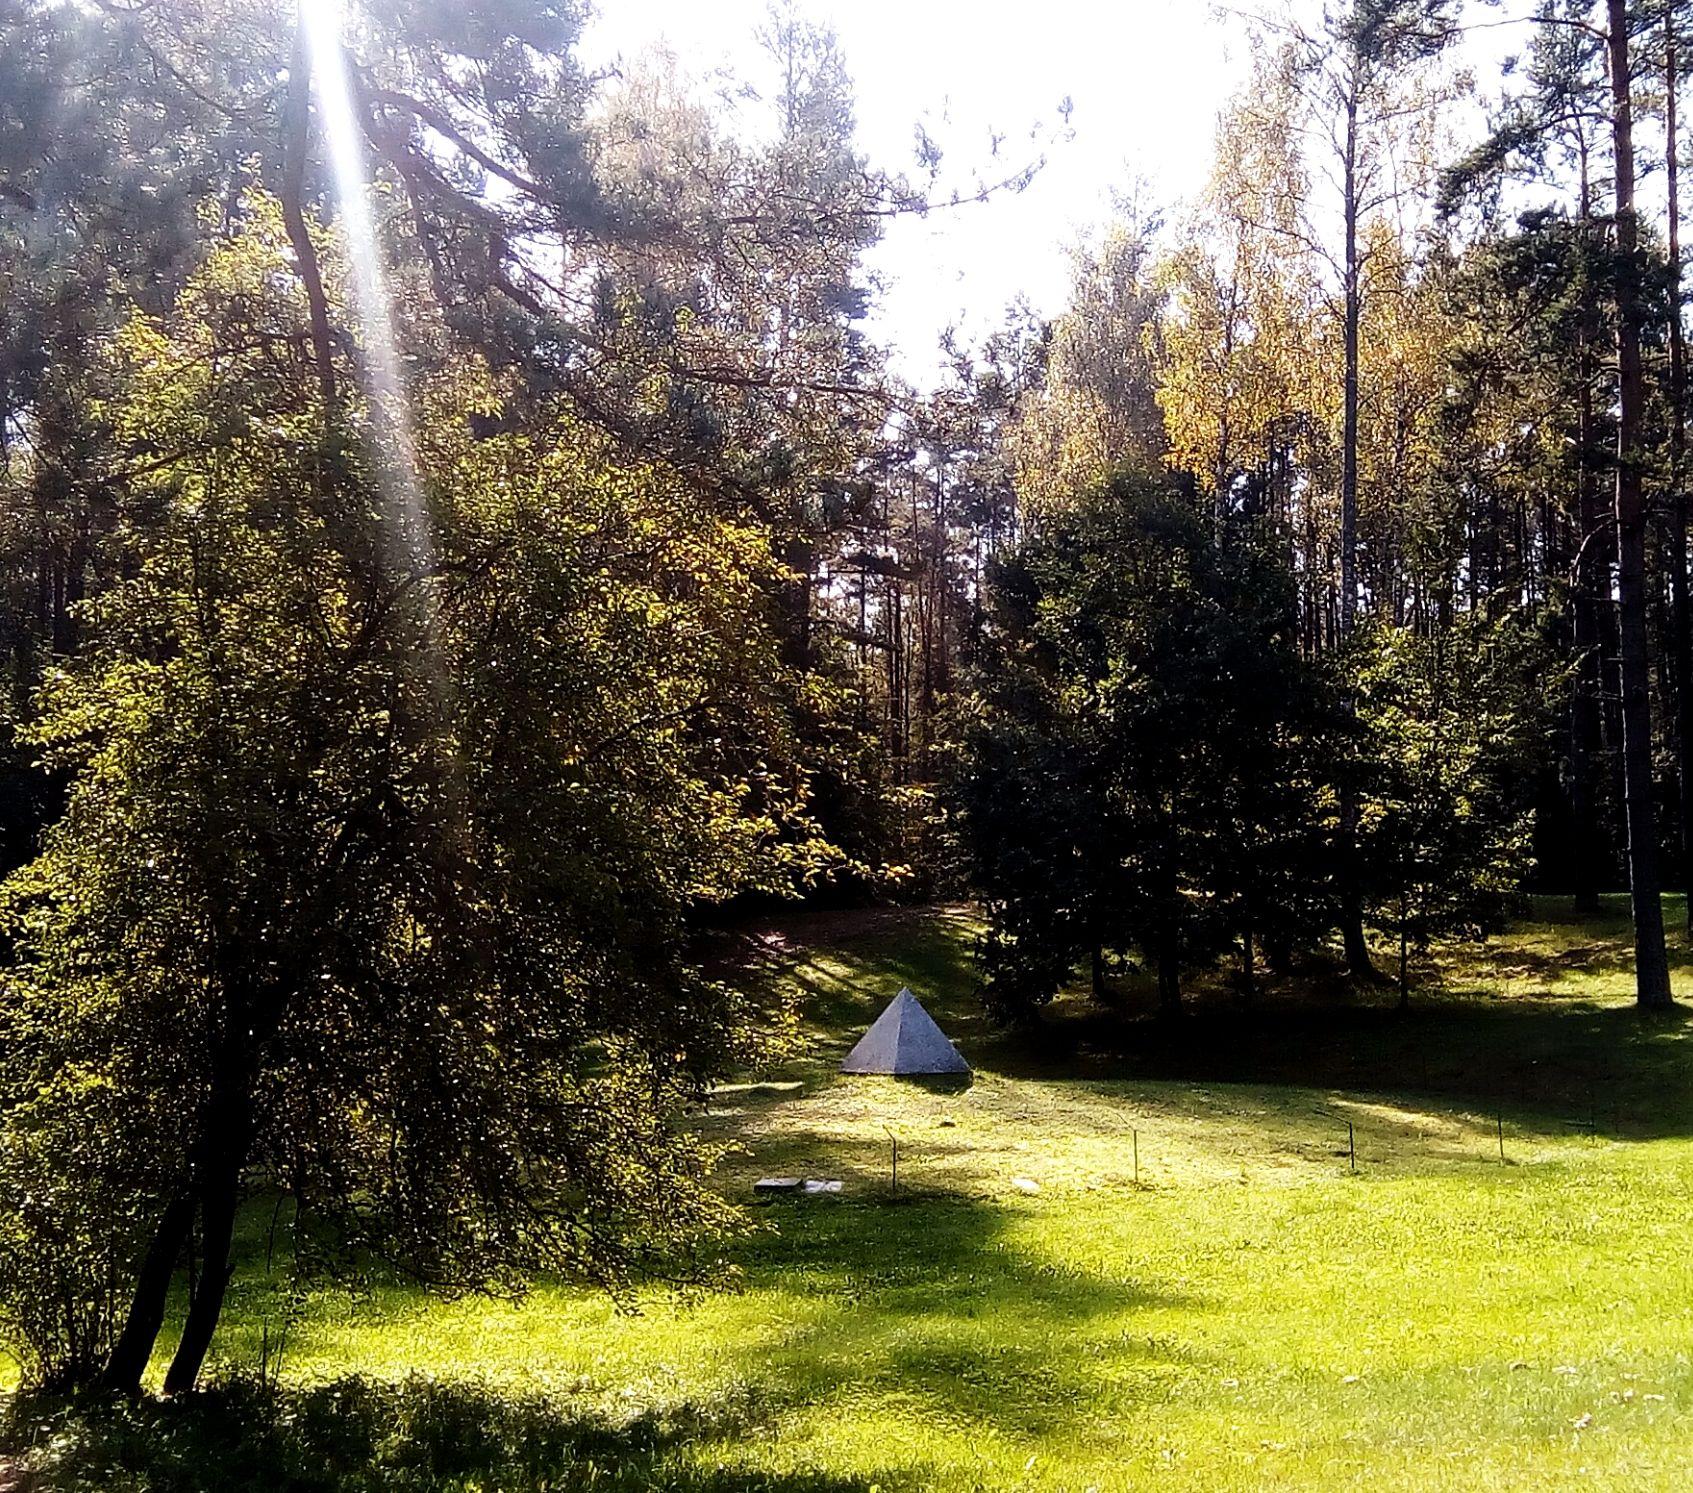 Sun rays meet the monument